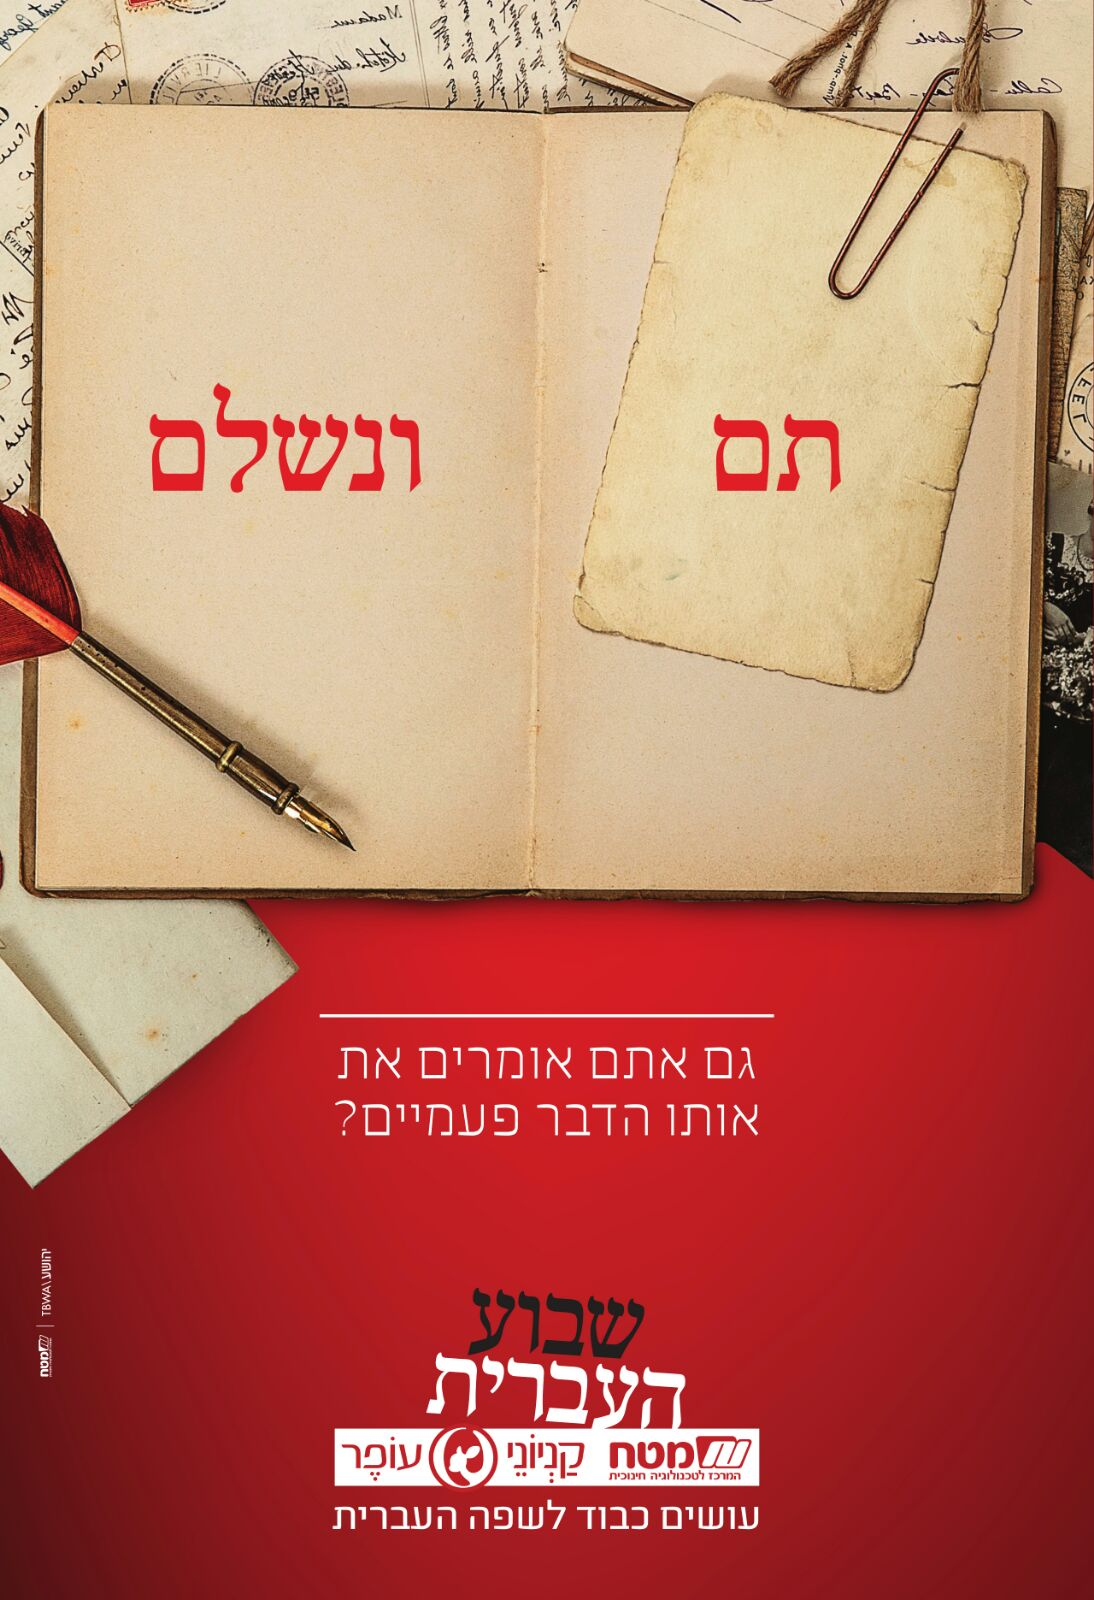 מסע פרסומי המציג את הצדדים המשעשעים של השפה העברית 16